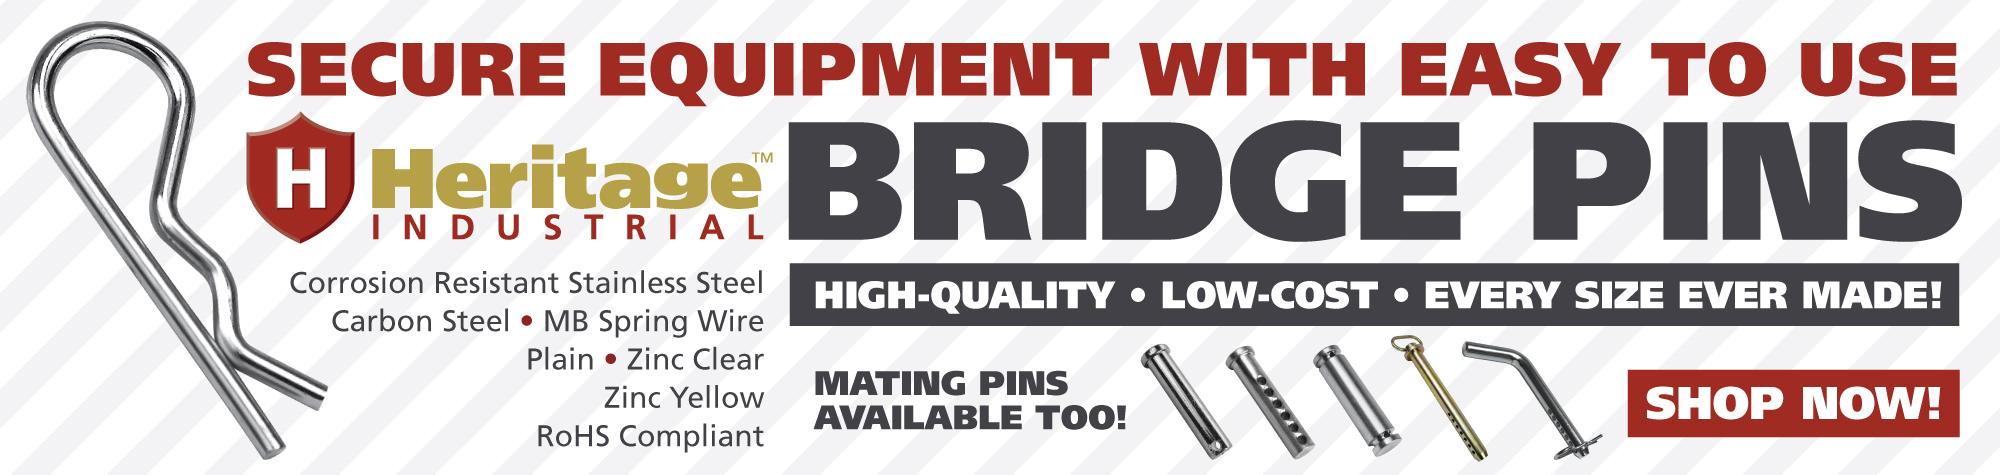 HI Bridge Pins